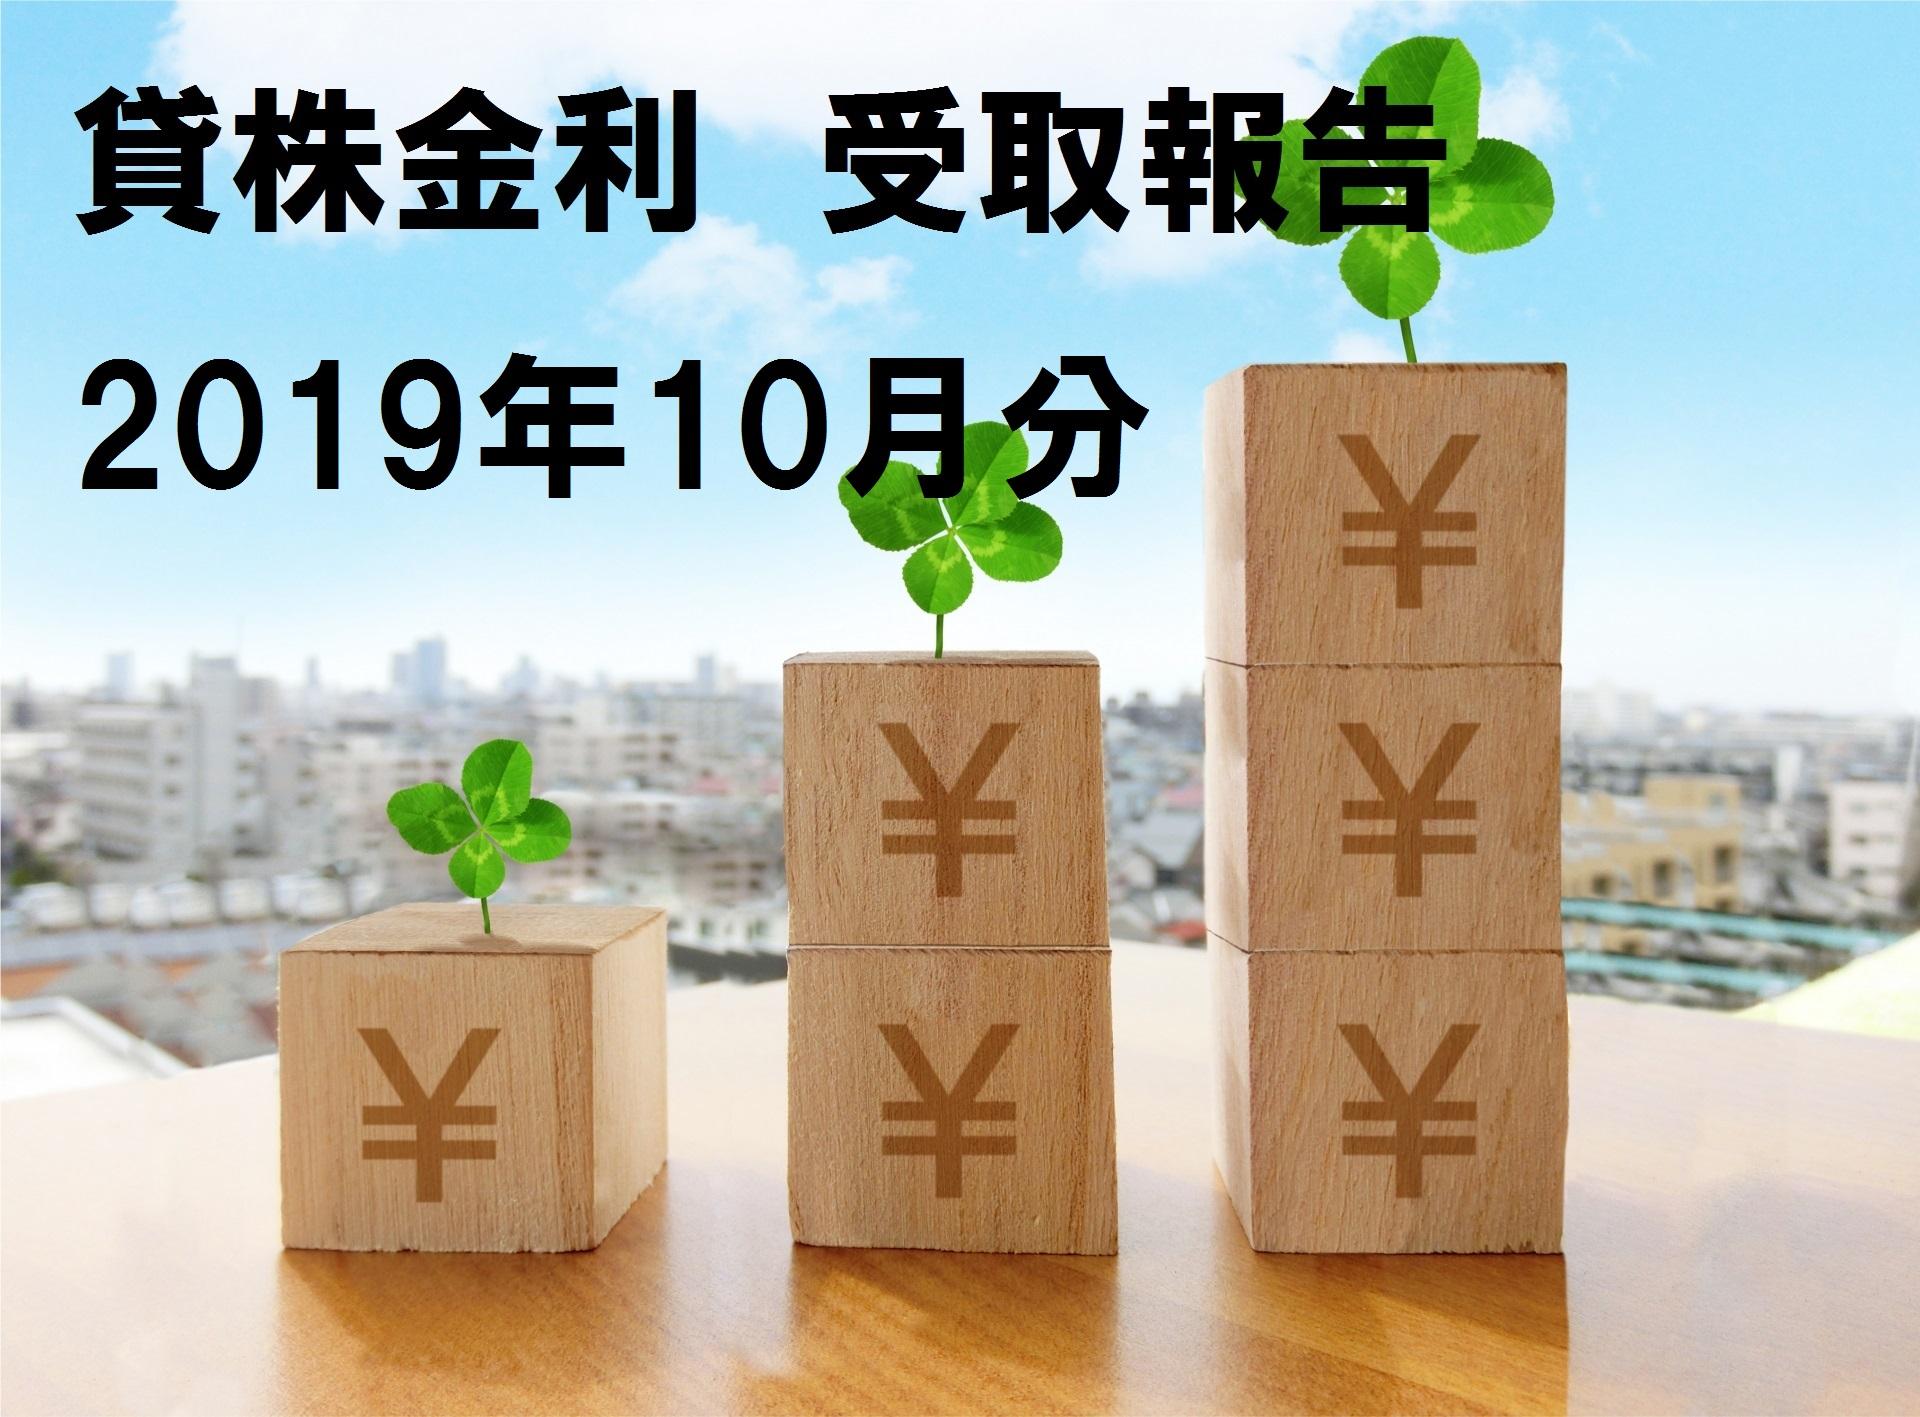 2019年10月貸株金利受け取り状況